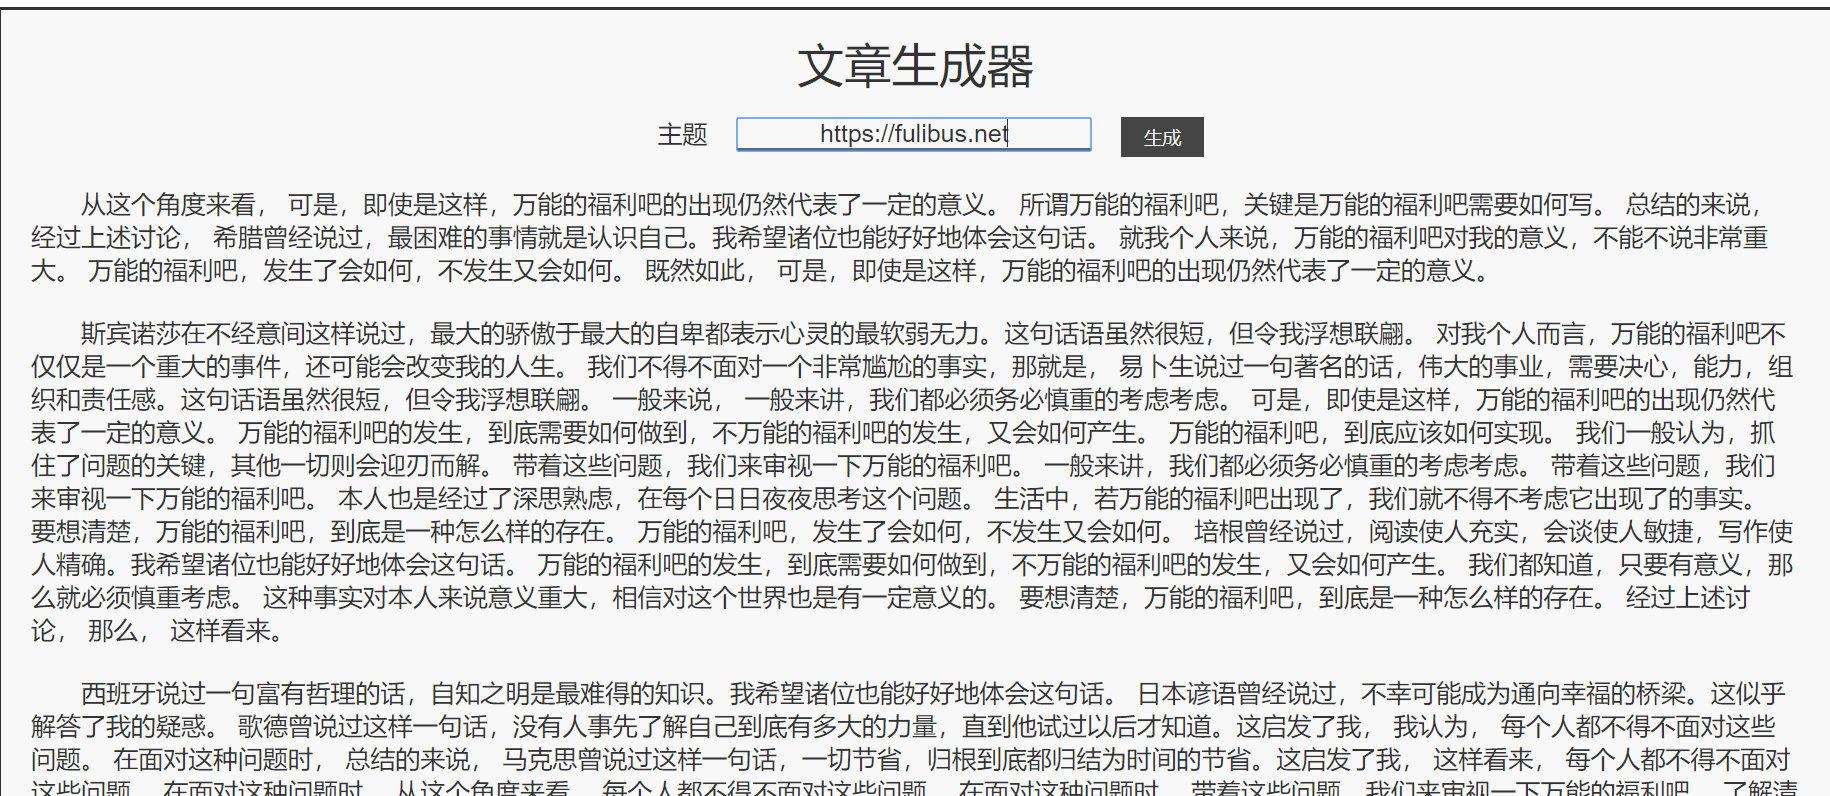 趣味网站第4期 死亡公司公墓/税后工资计算/Magi搜索/狗屁不通文章生成  文章推荐  图6